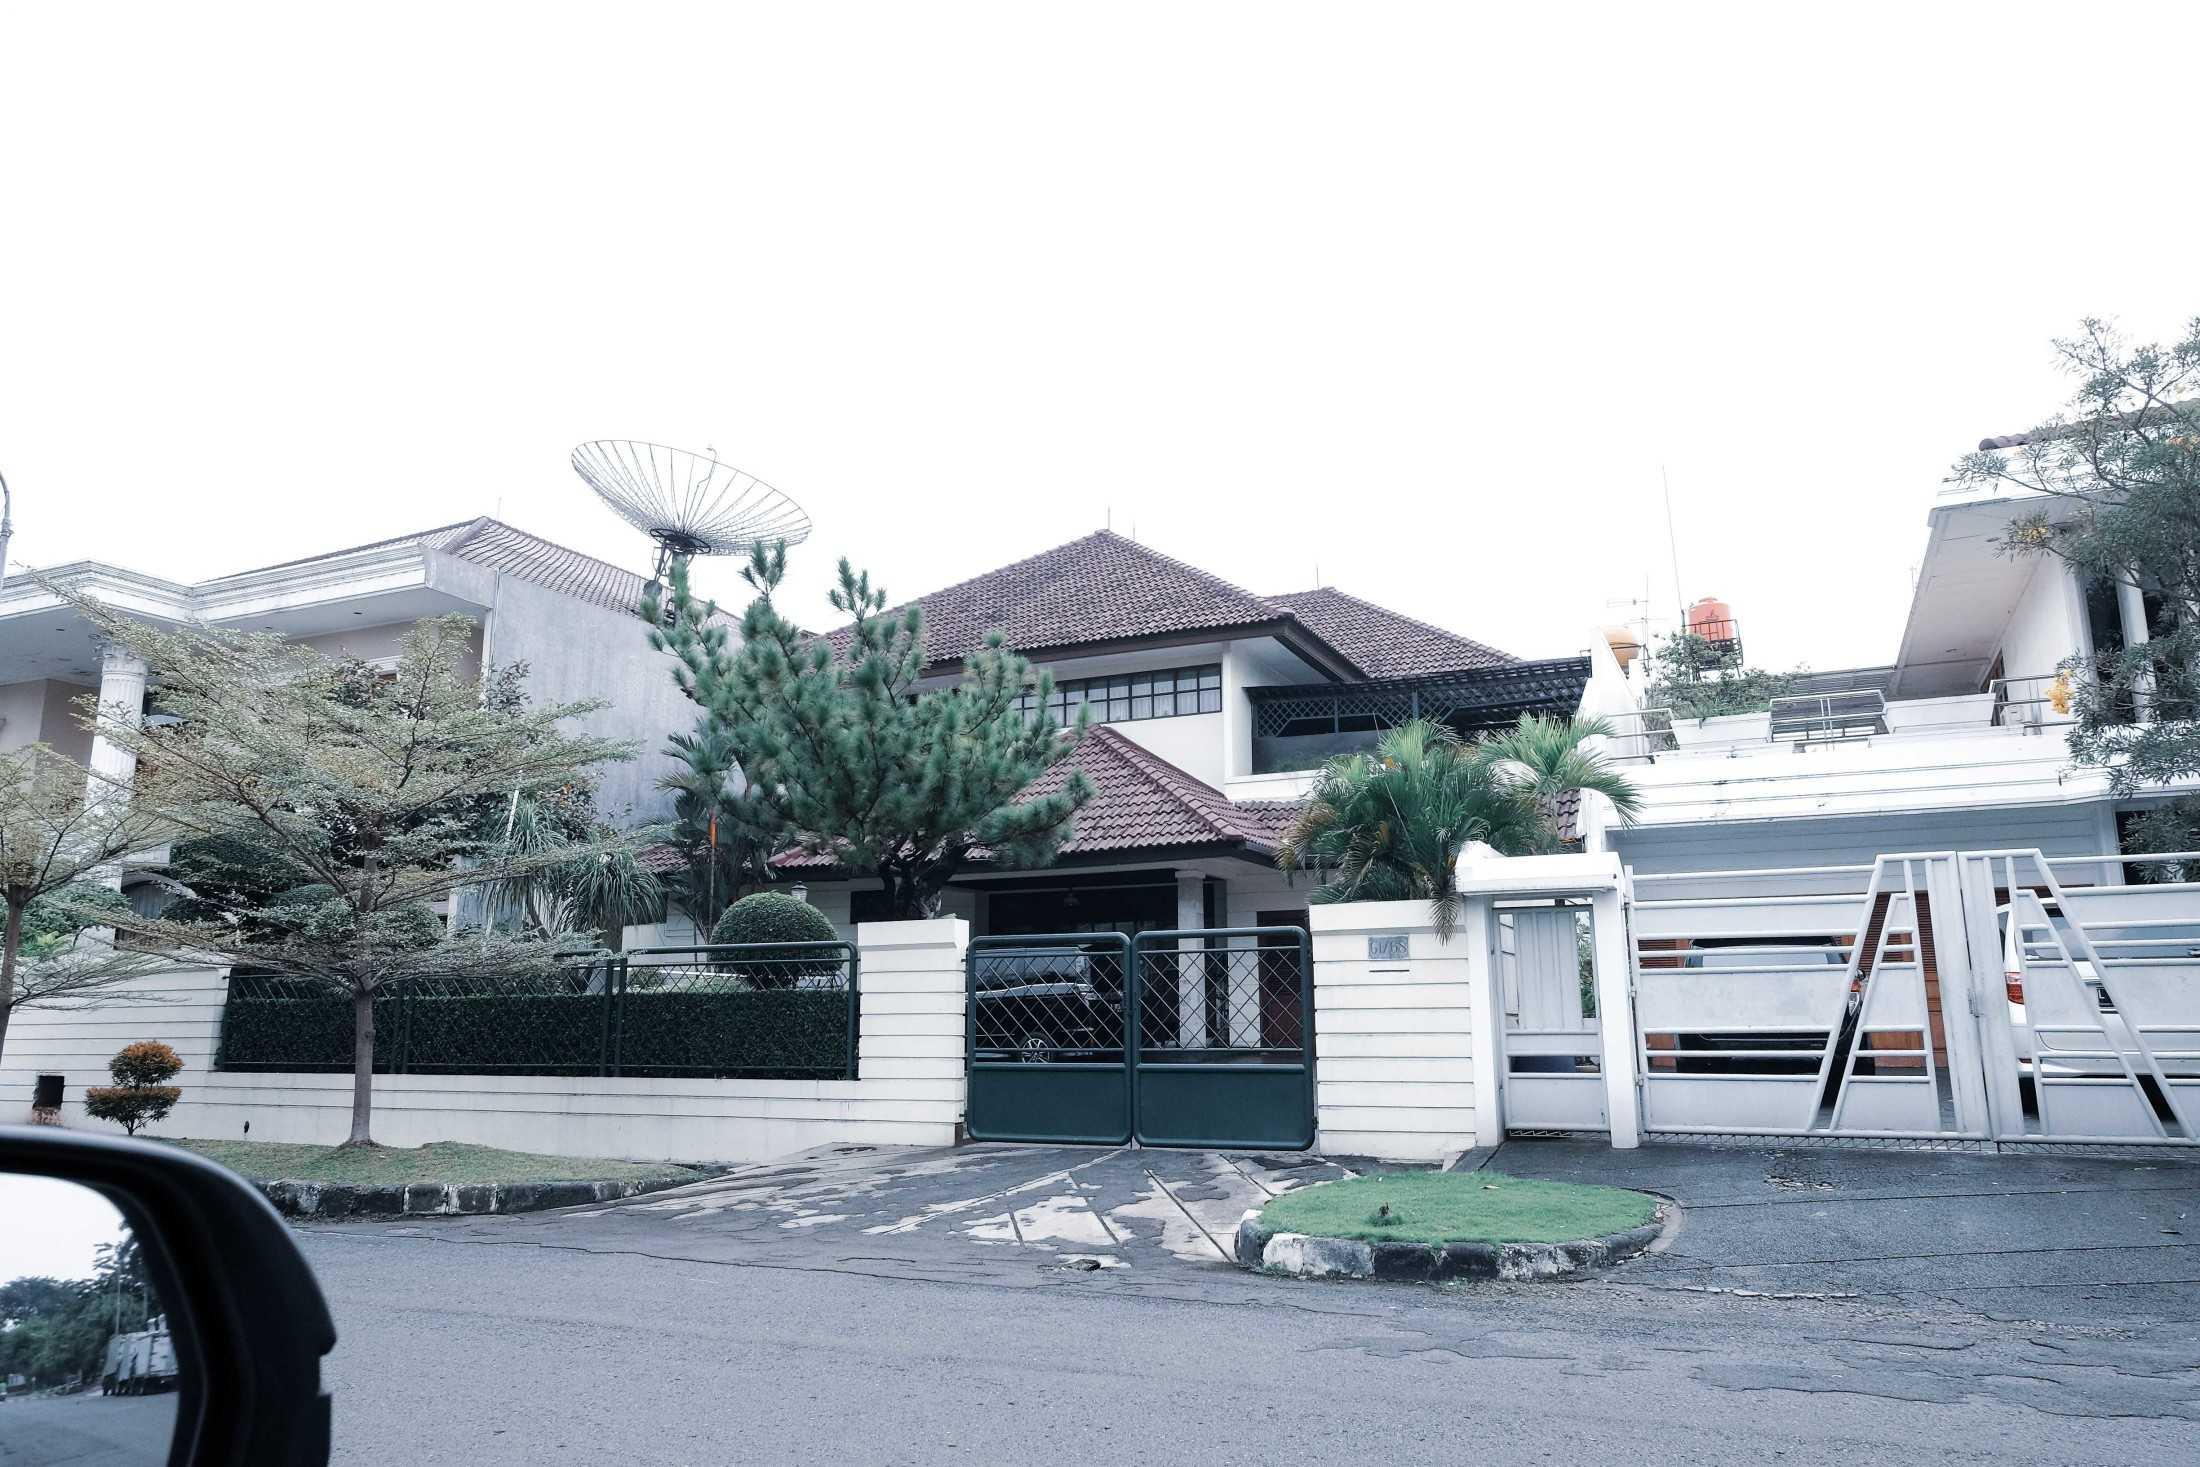 Etd Projects Etd Projects - House 11 Jakarta Barat, Kec. Kb. Jeruk, Kota Jakarta Barat, Daerah Khusus Ibukota Jakarta, Indonesia Jakarta Barat, Kec. Kb. Jeruk, Kota Jakarta Barat, Daerah Khusus Ibukota Jakarta, Indonesia Etd-Projects-House-11  101563